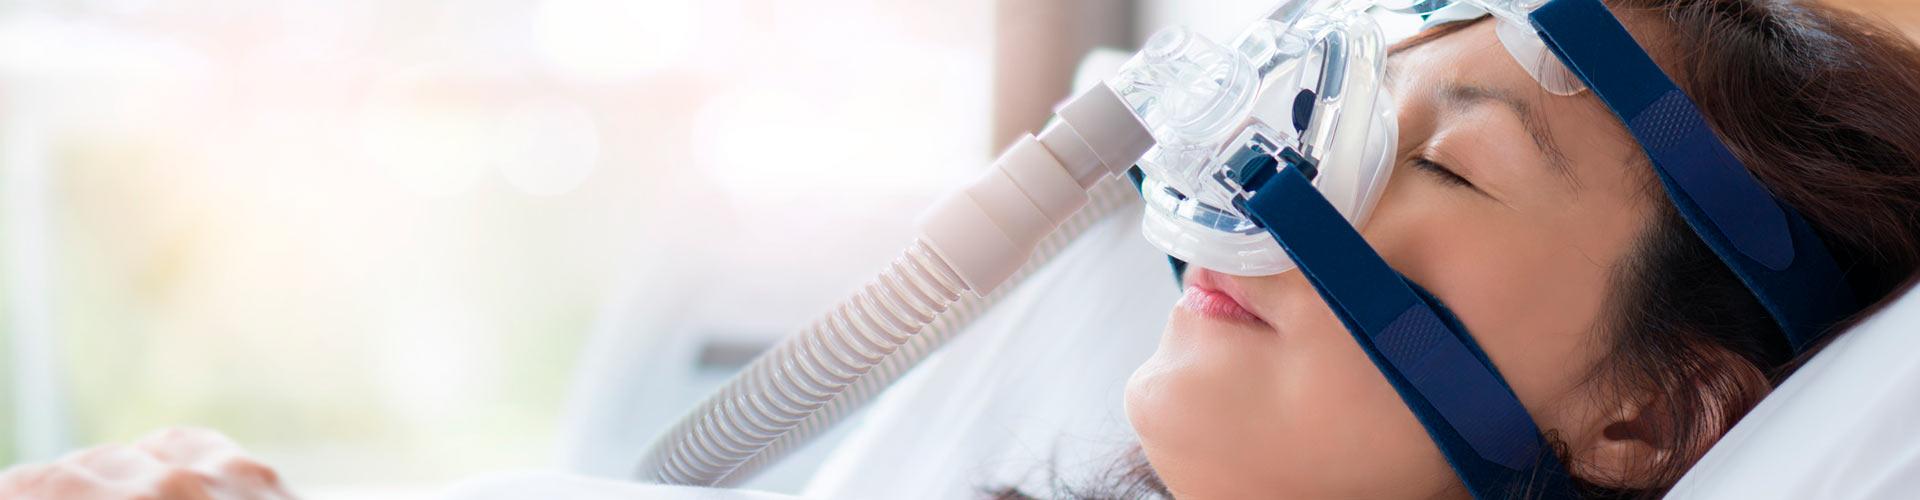 apnea del sueño roncar tratamientos que es